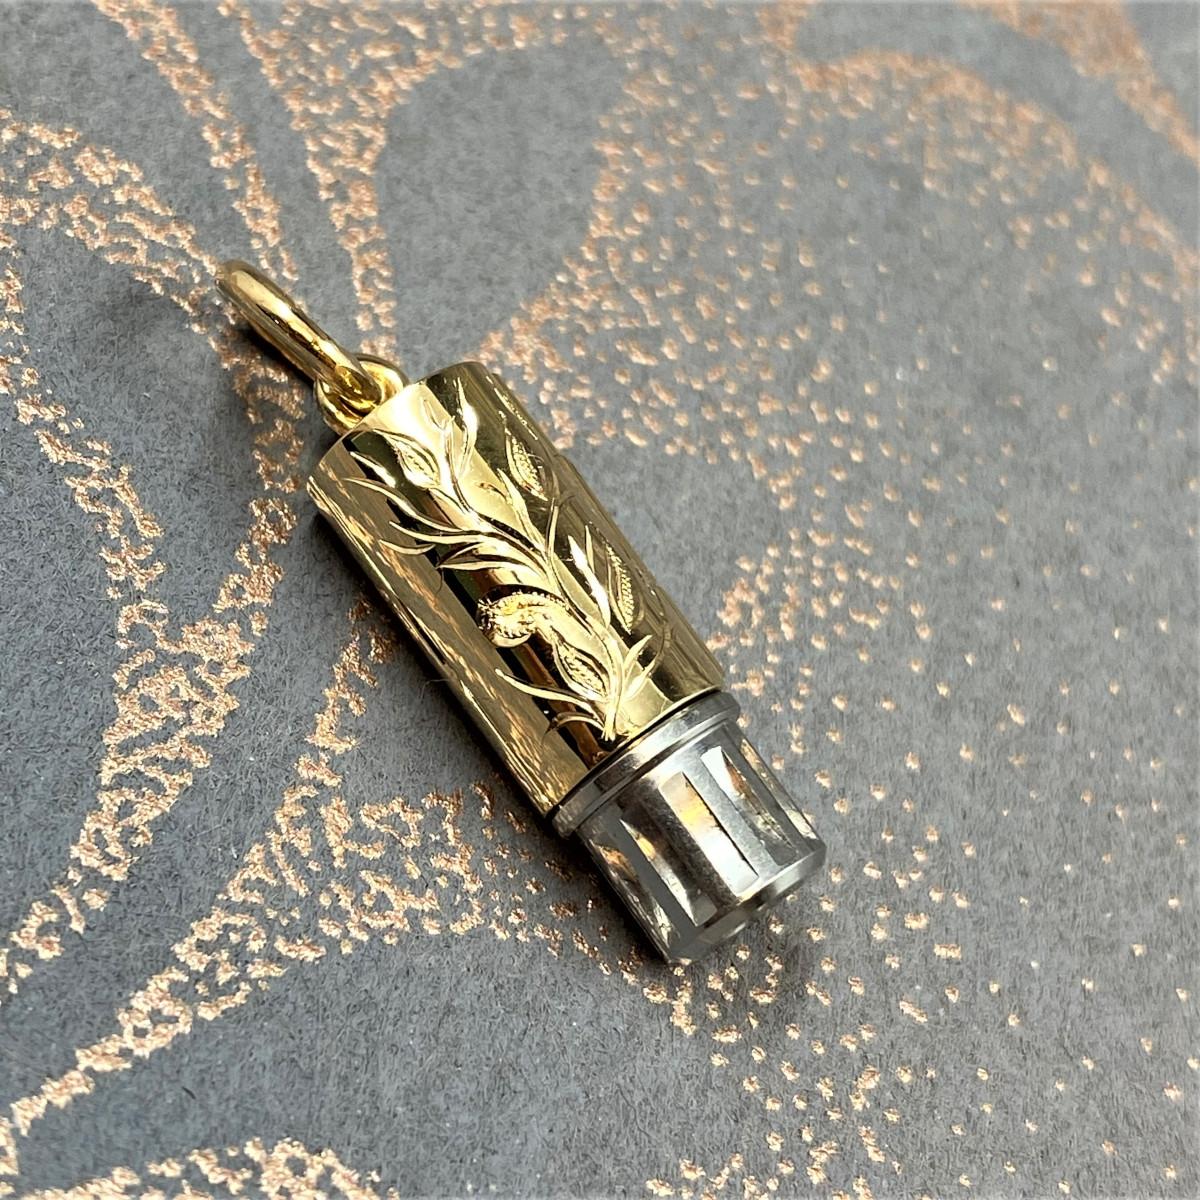 Berlock i guld som gömmer en stålnyckel